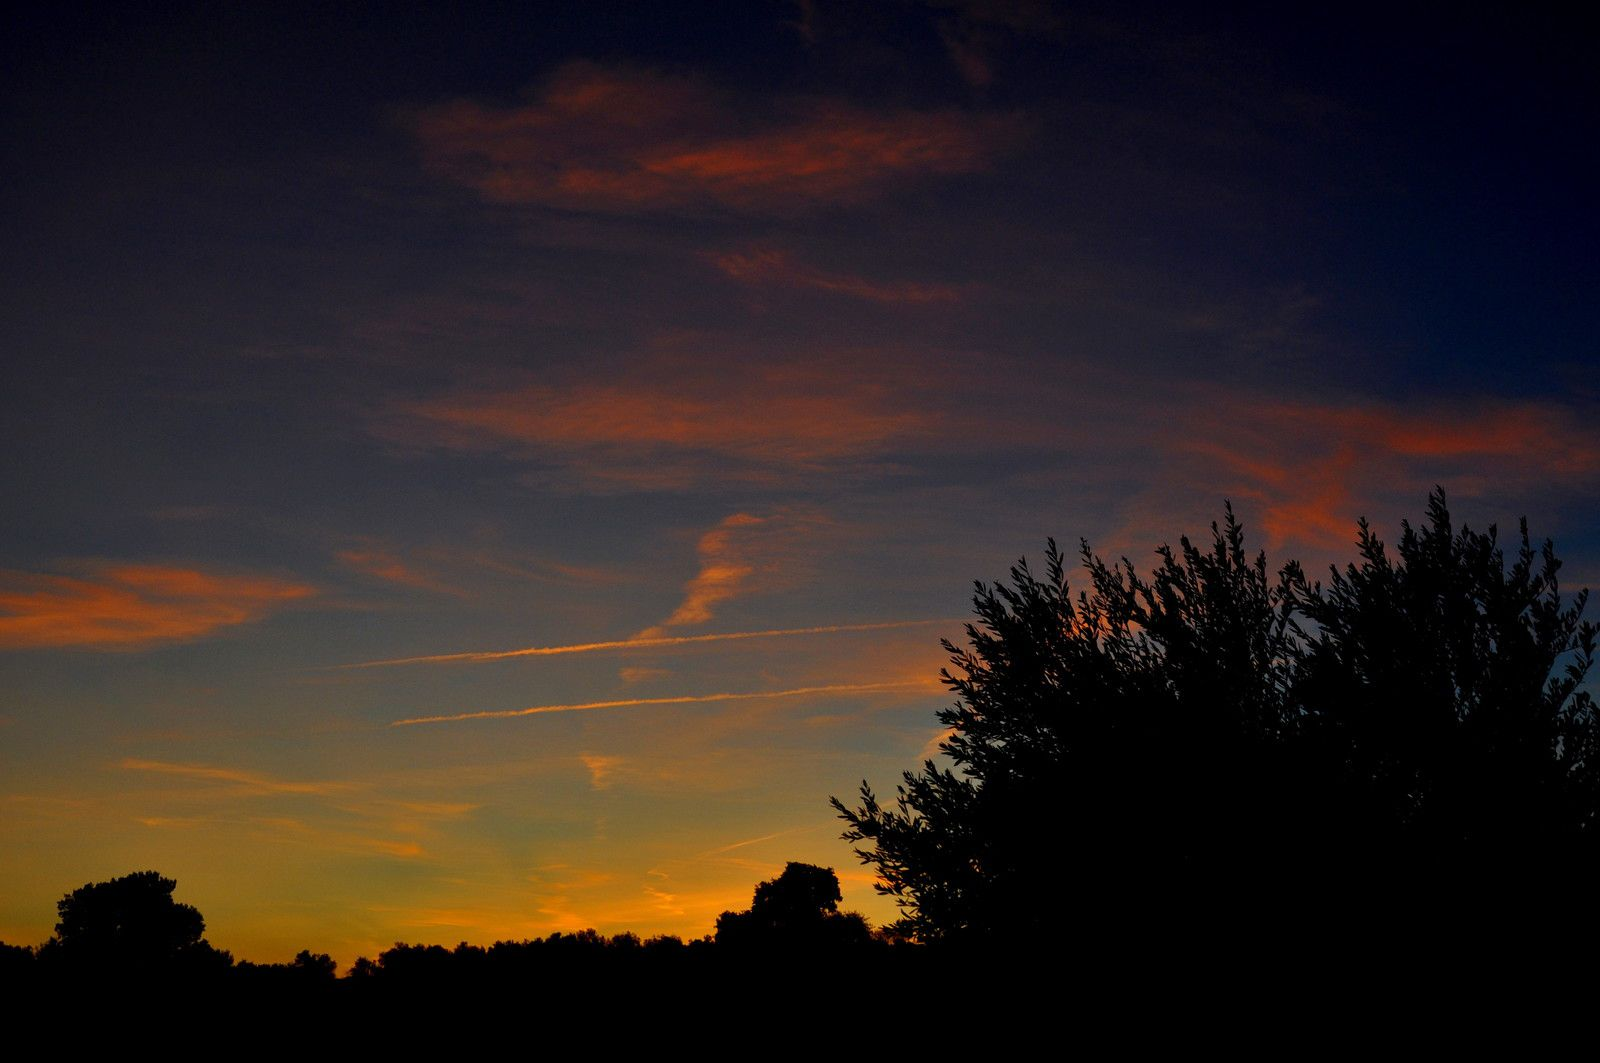 Les couleurs avec le # dans le ciel.